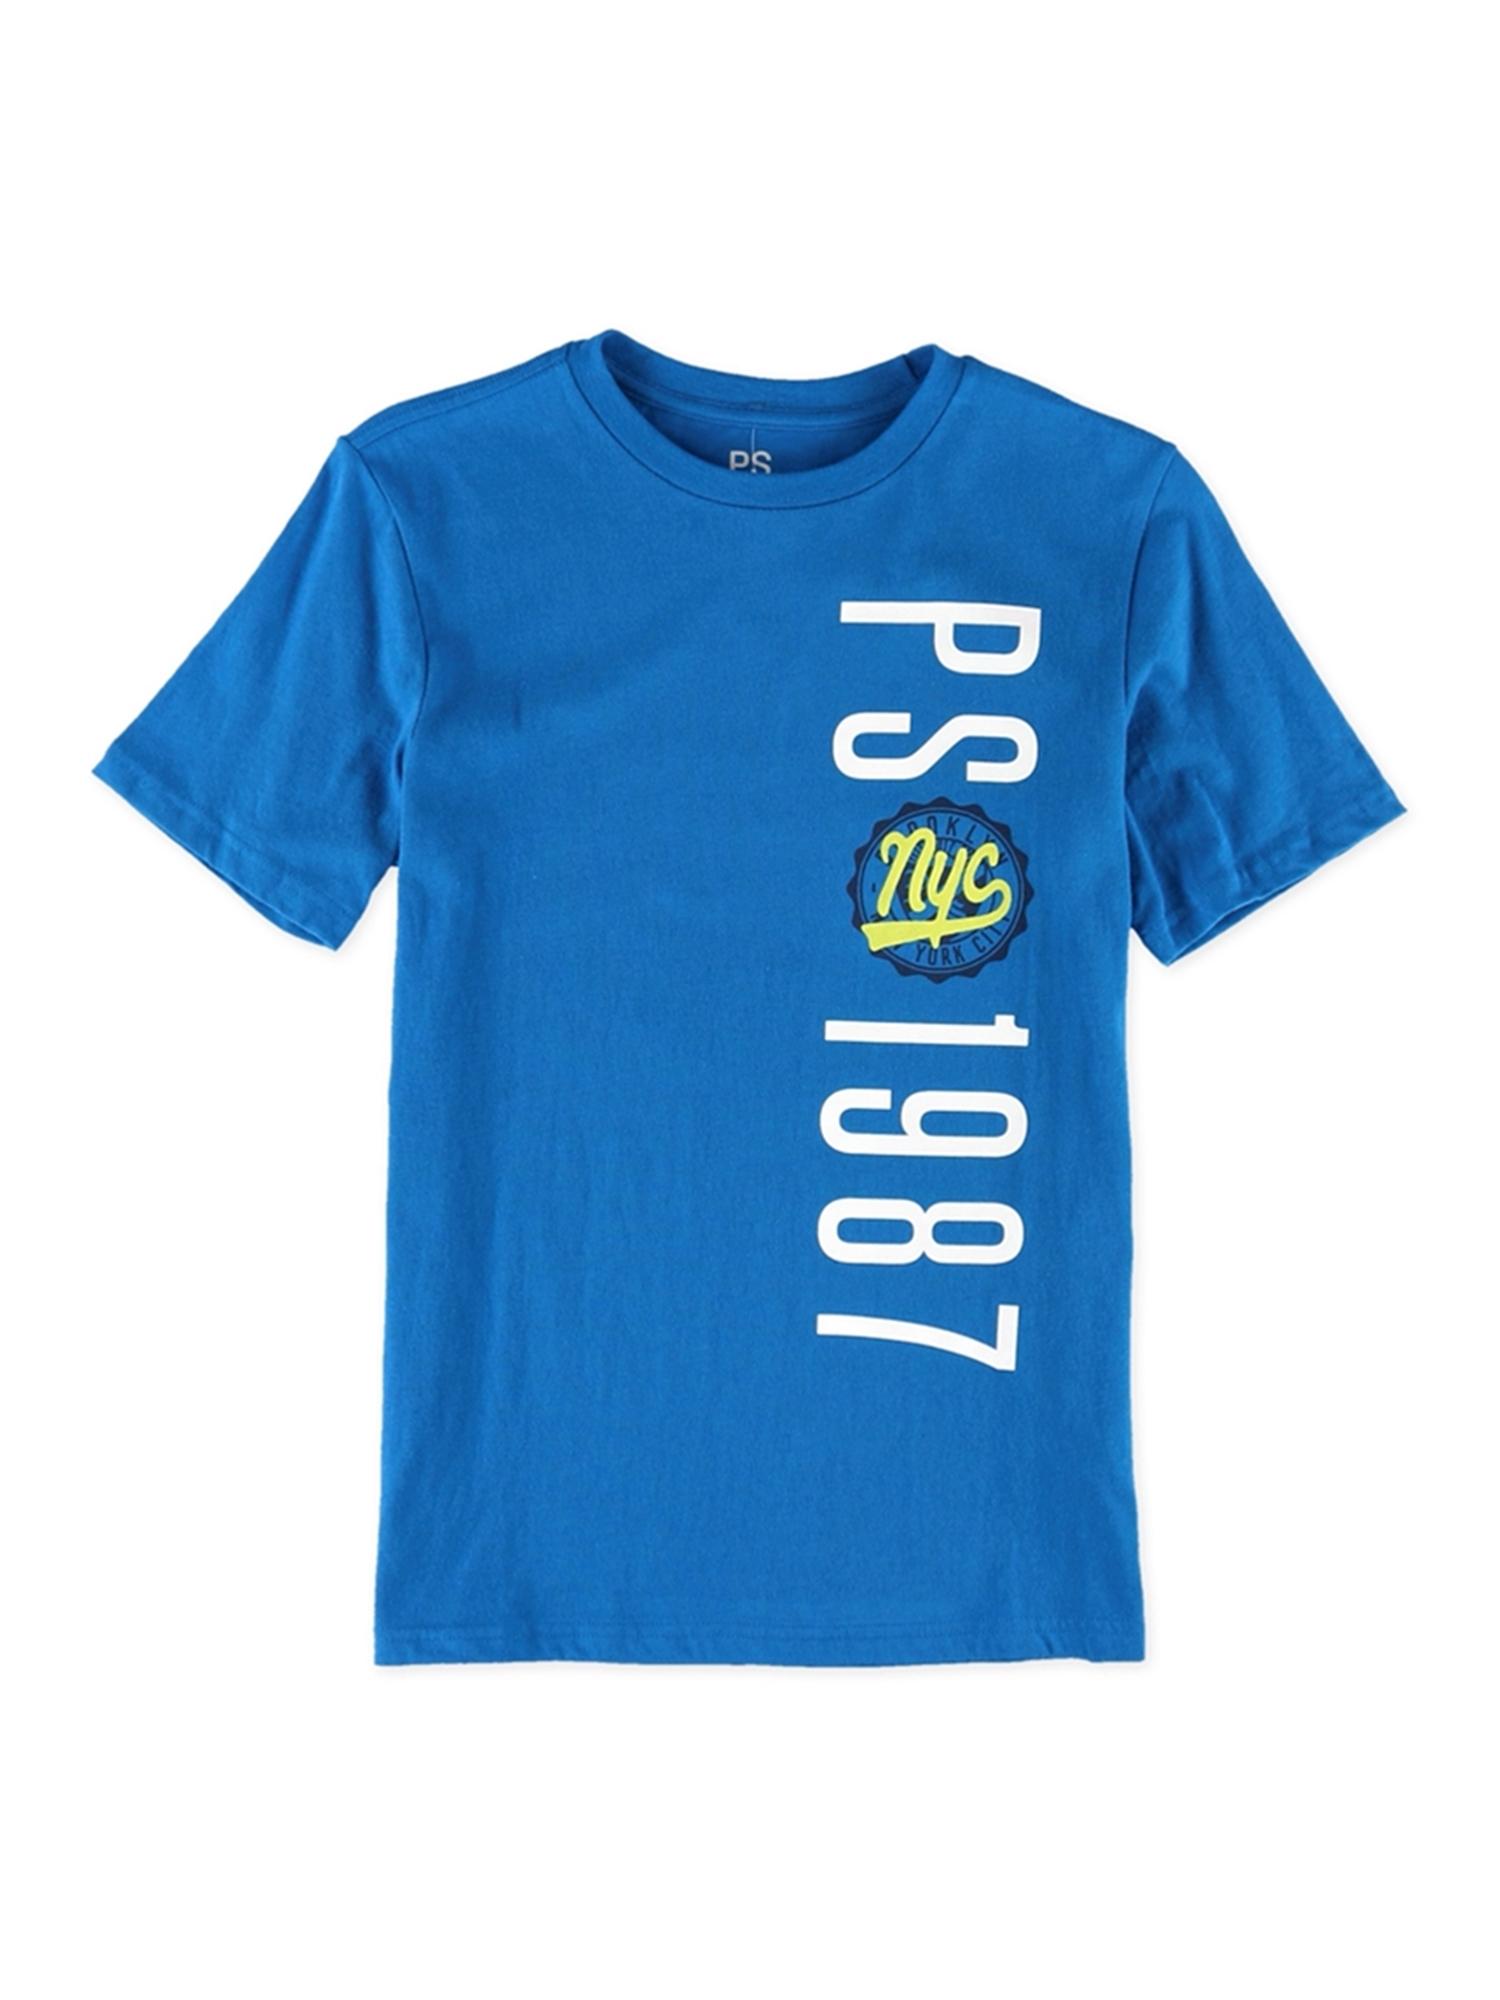 Aeropostale Boys Nyc Shield Graphic T-Shirt